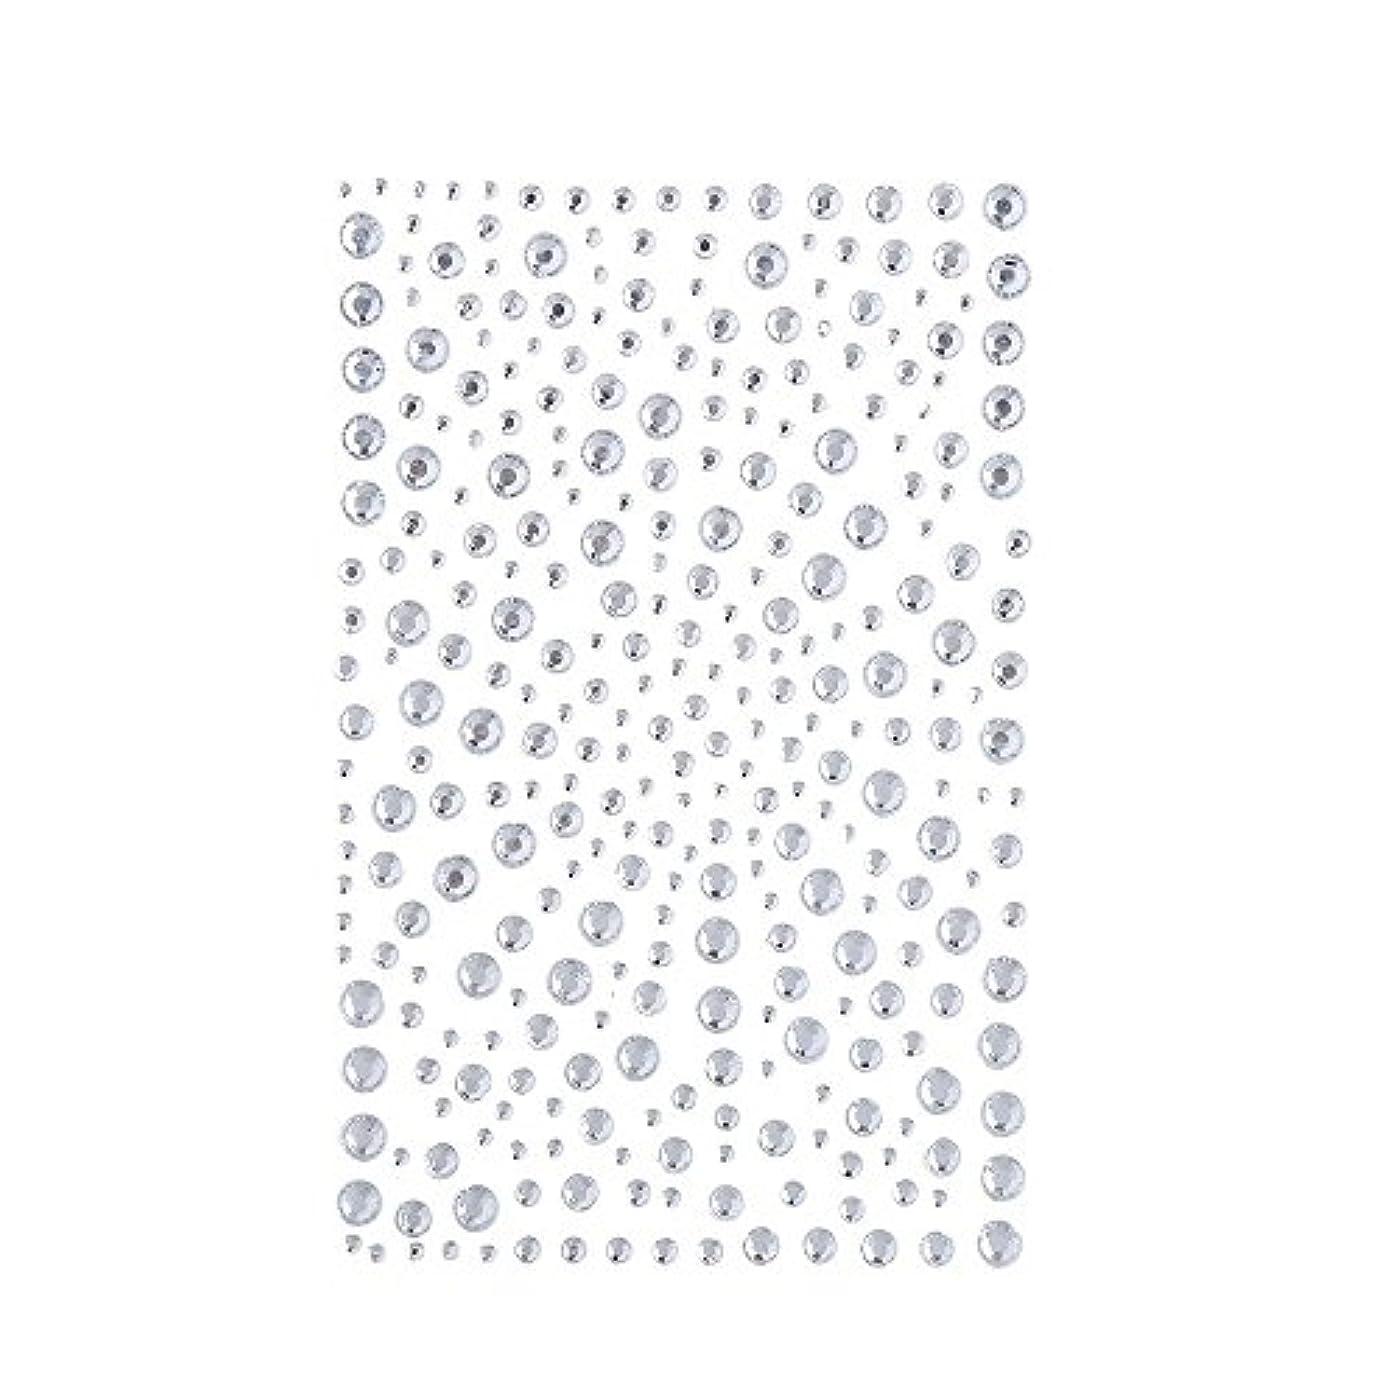 回転させる溶けたとらえどころのないラインストーン 人工ダイヤモンド スワロフスキー ホットフィックス 325粒 (白)